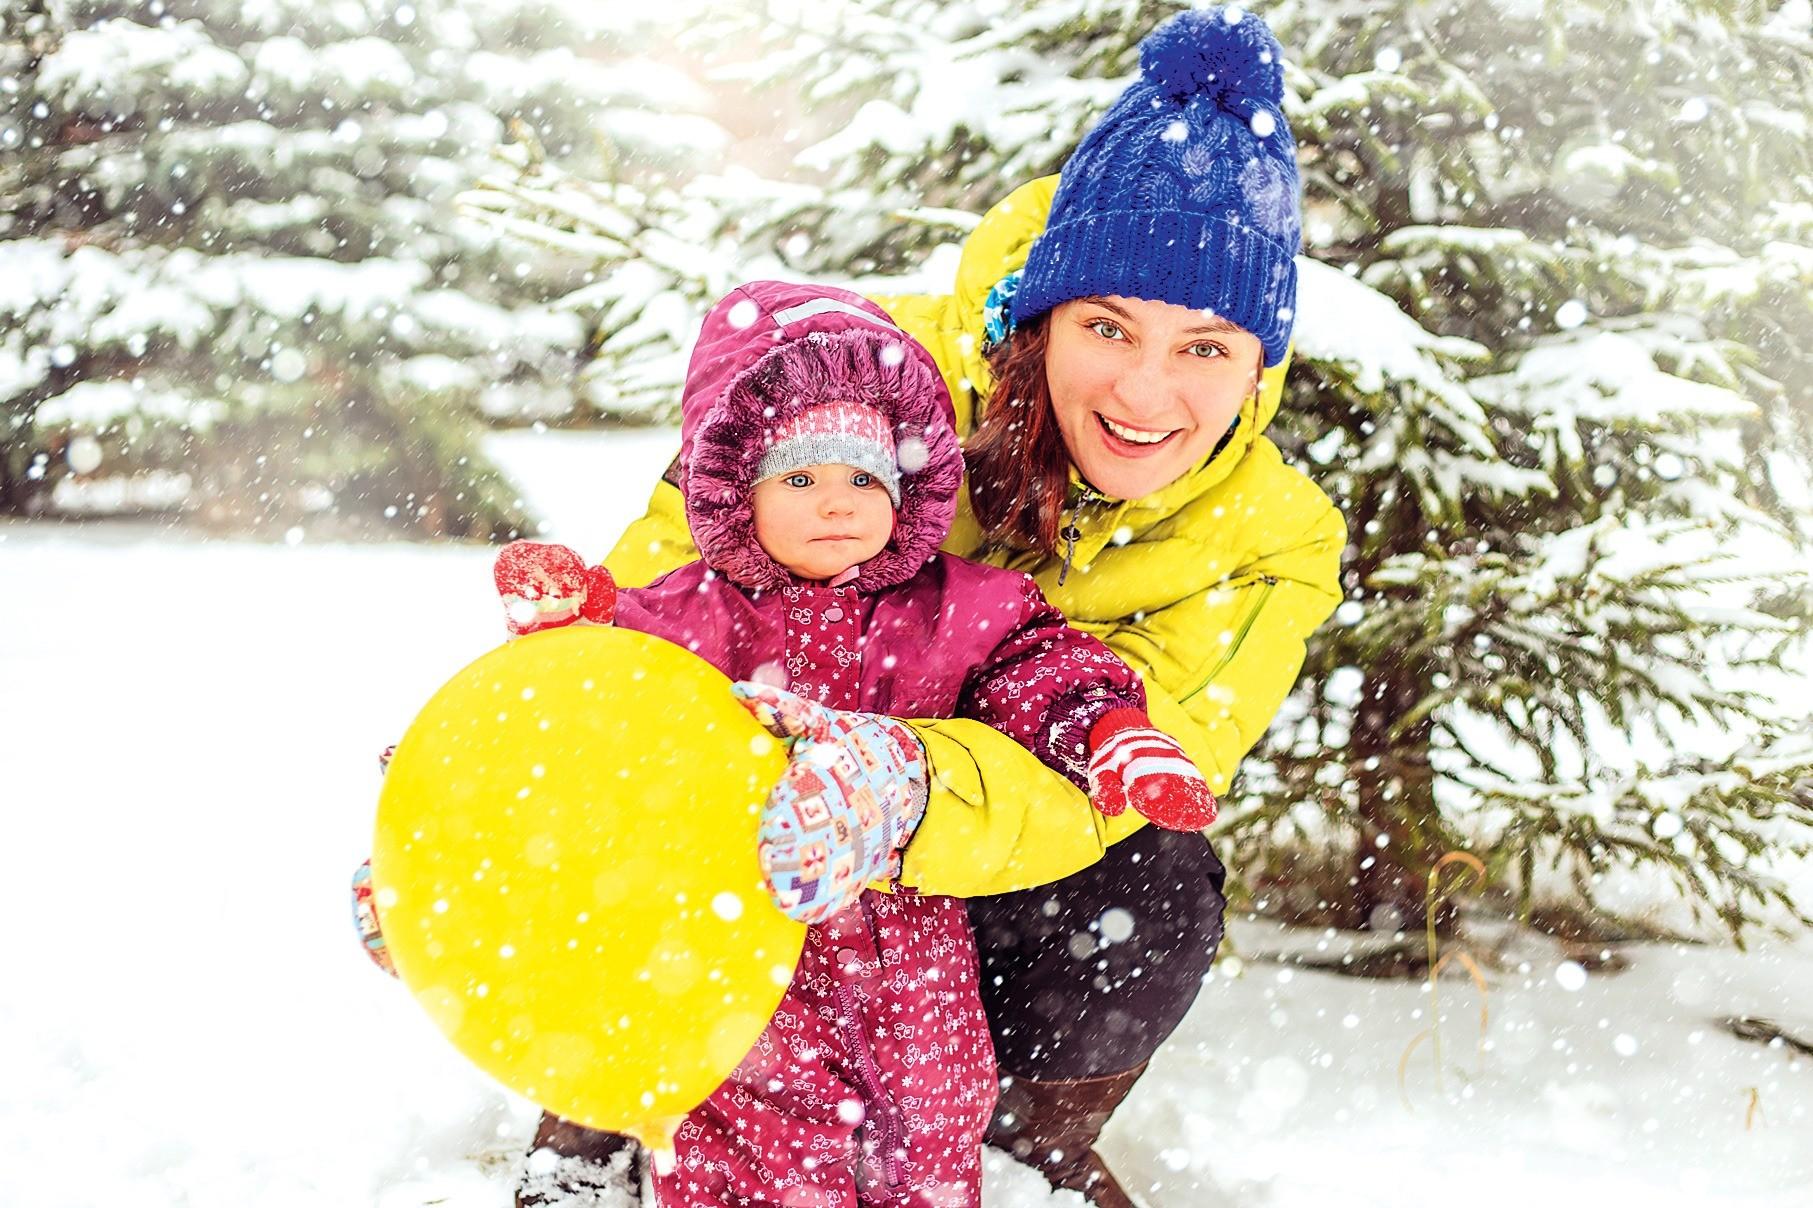 Как уберечь ребенка от промерзания?